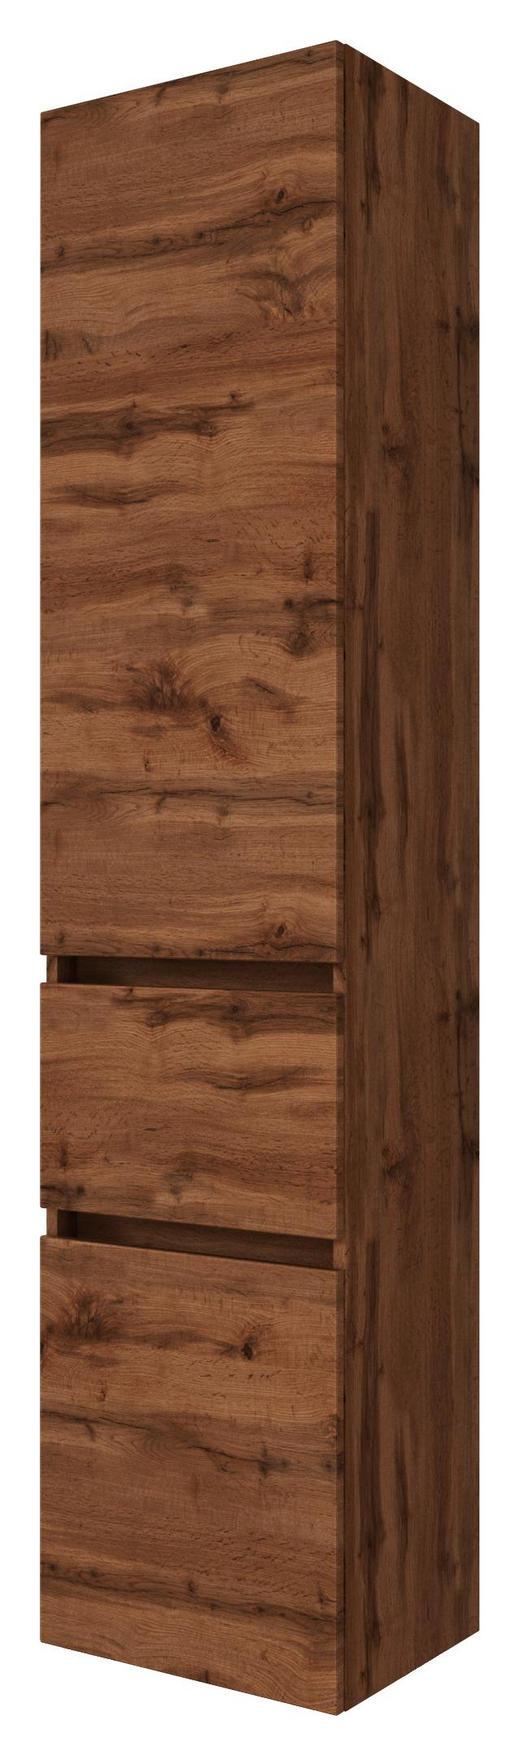 SEITENSCHRANK Eichefarben - Eichefarben/Silberfarben, Natur, Holzwerkstoff/Kunststoff (40/180/35cm) - Carryhome